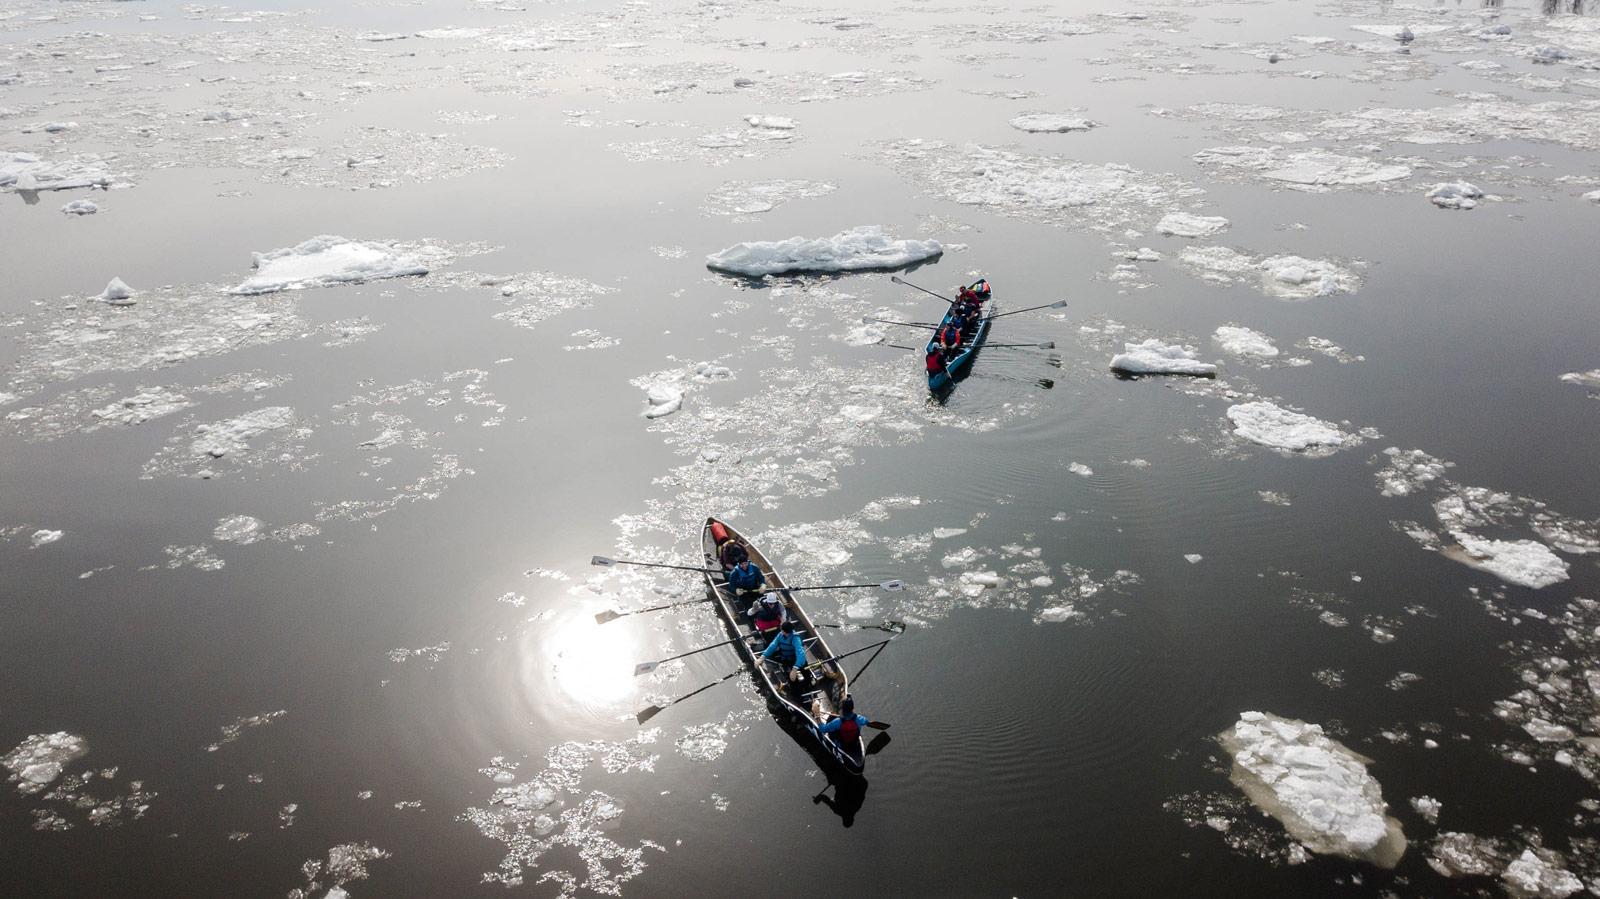 activite-nordique-quebec-canot-a-glace